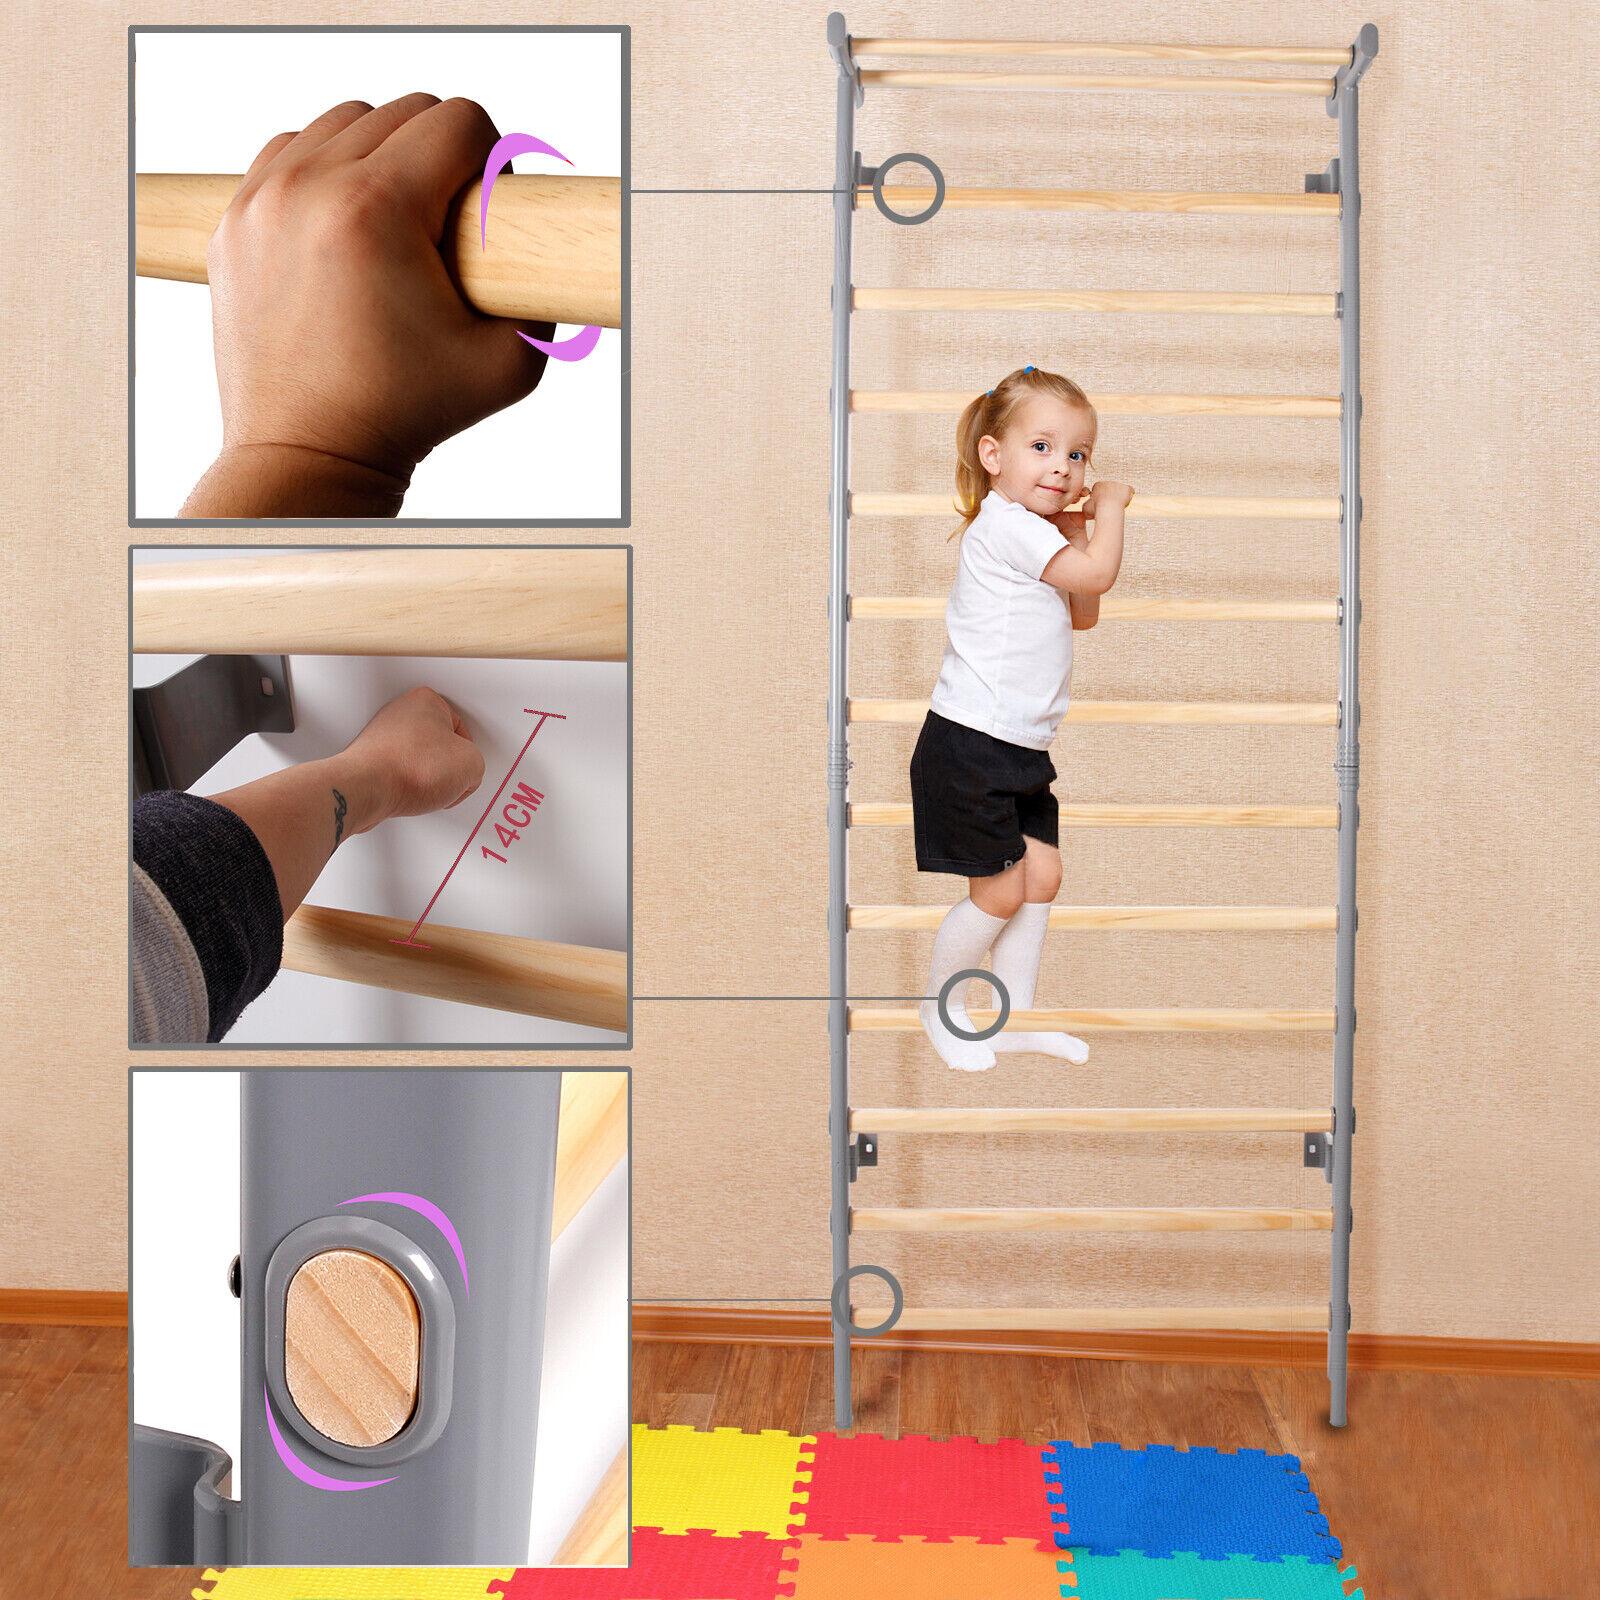 Kletterwand Turnwand Sport Sprossenwand Spielcenter Holz Kind Klettergerüst Baby